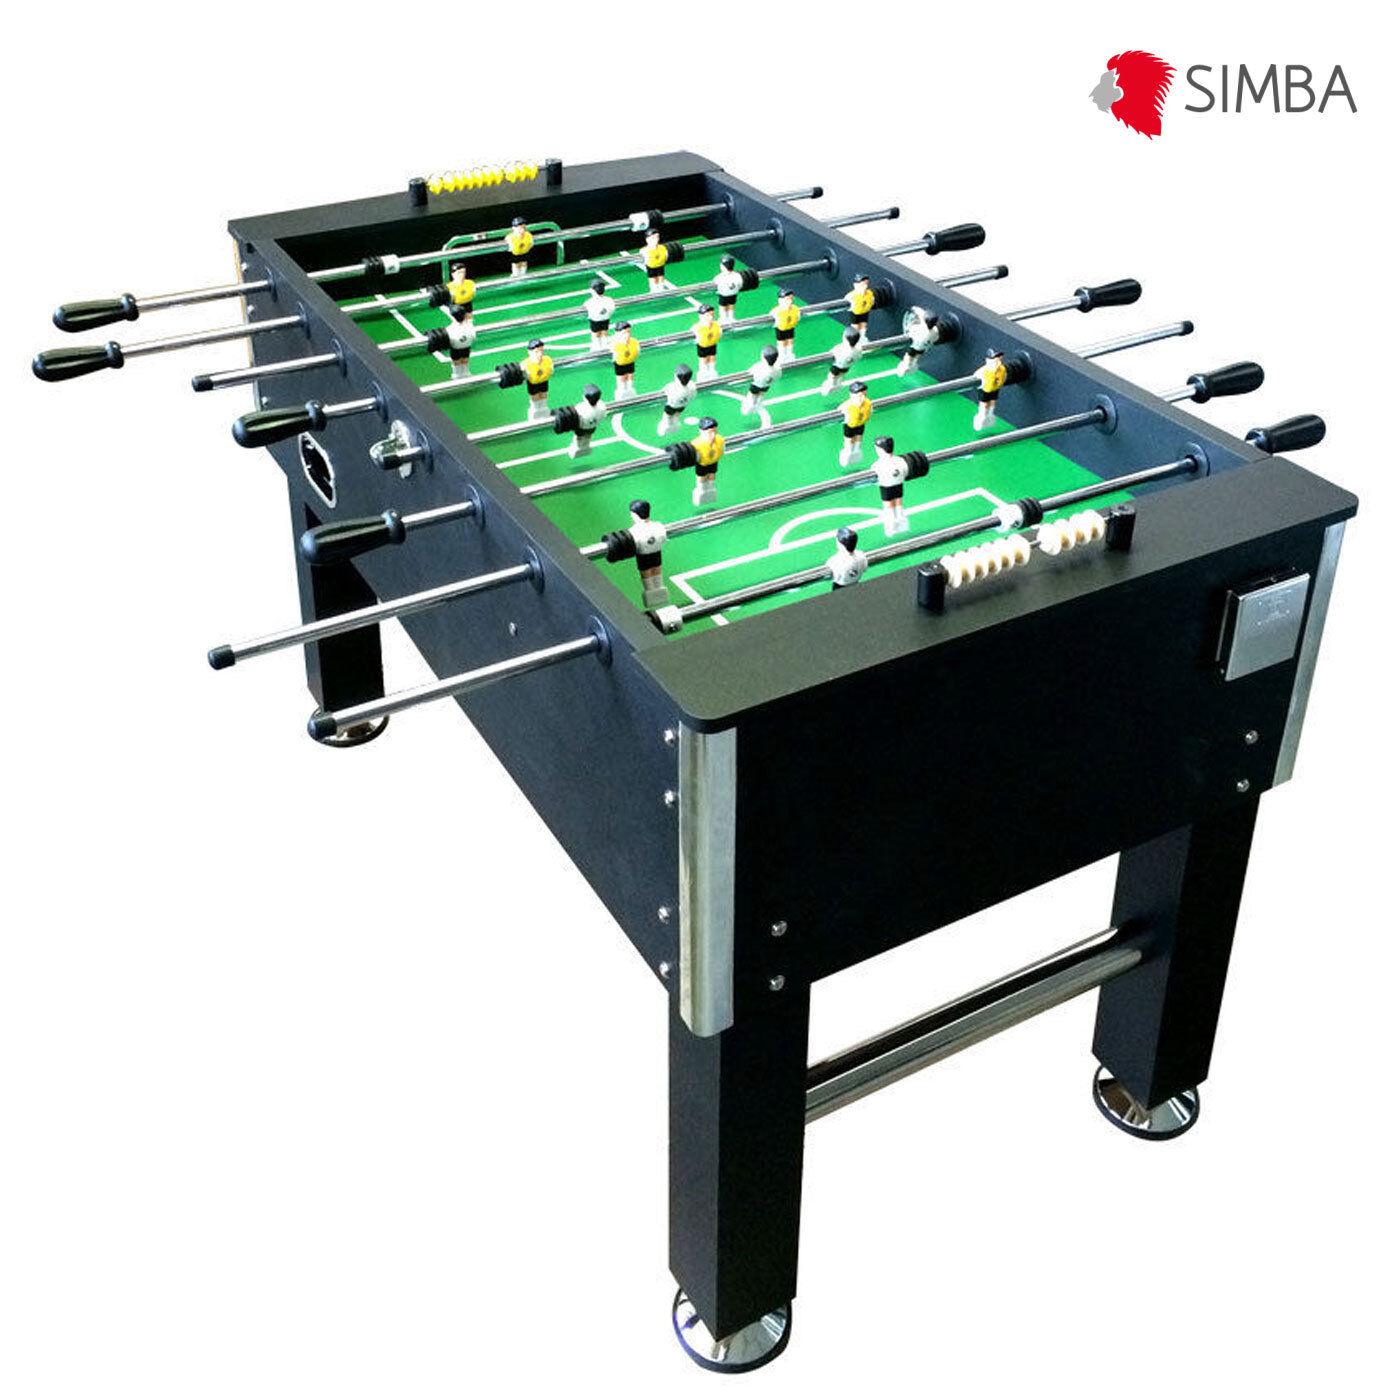 Table SOCCER   FOOT   FOOT kg 60 TABLE DE JEU FOOTBALL nouvea  haute qualité